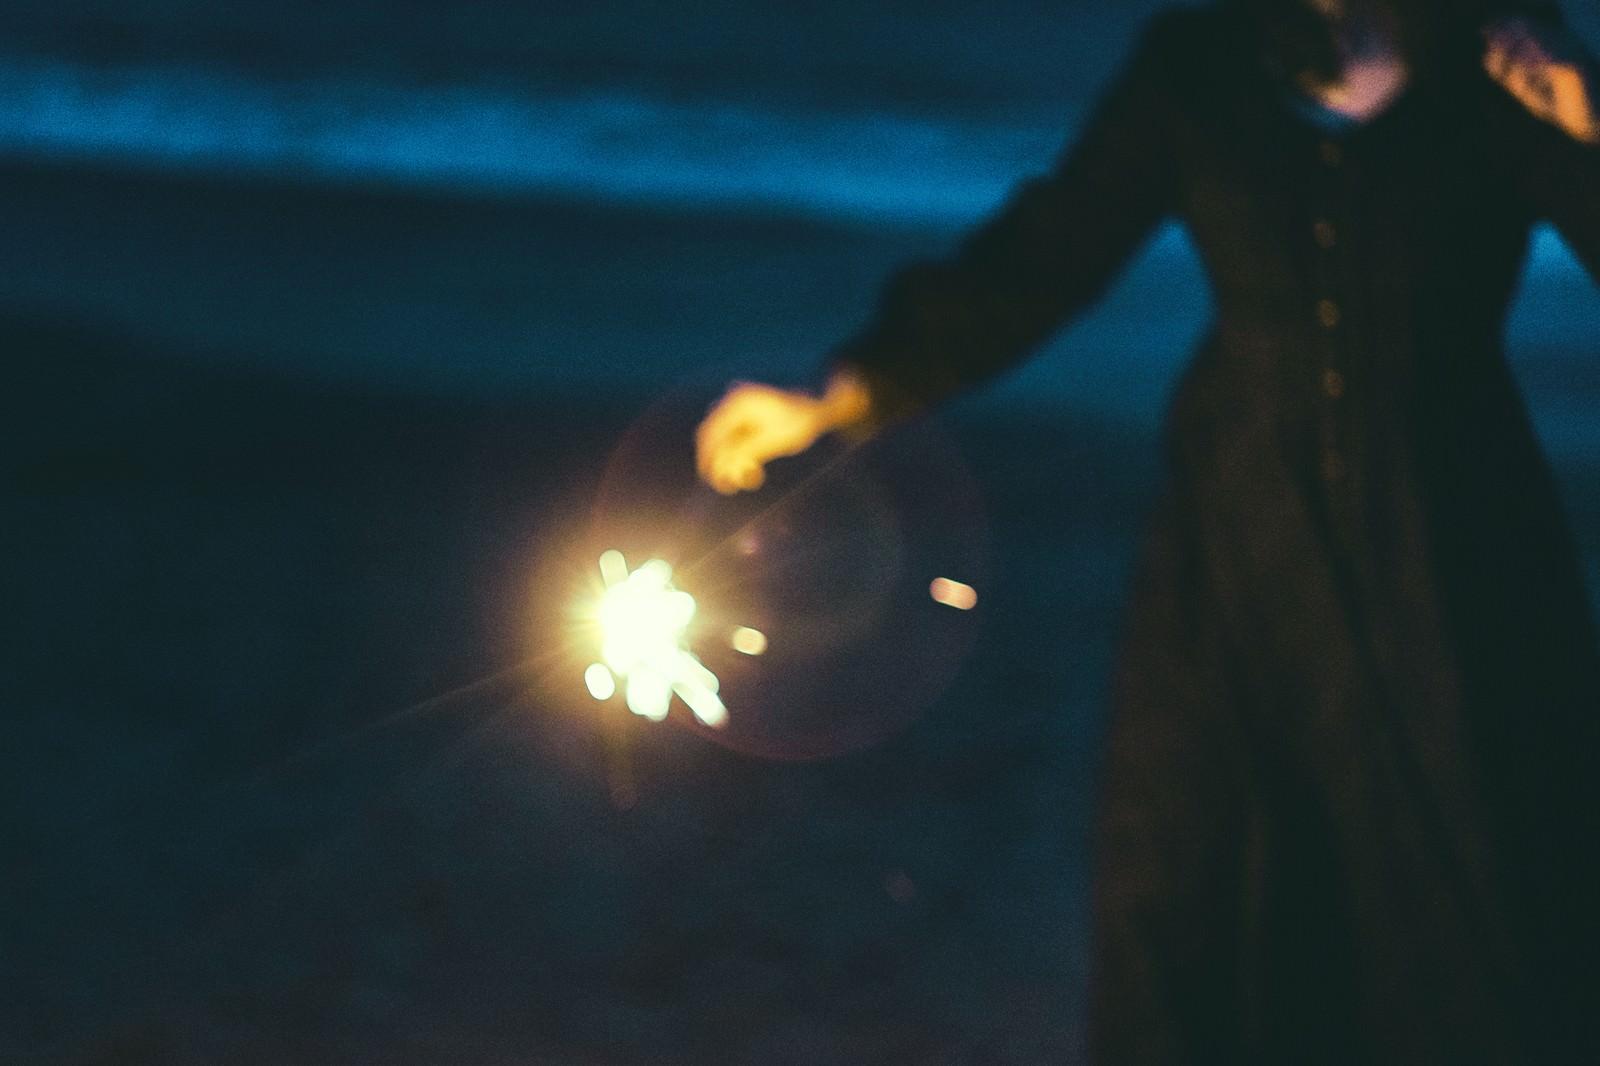 「手持ち花火を楽しむ」の写真